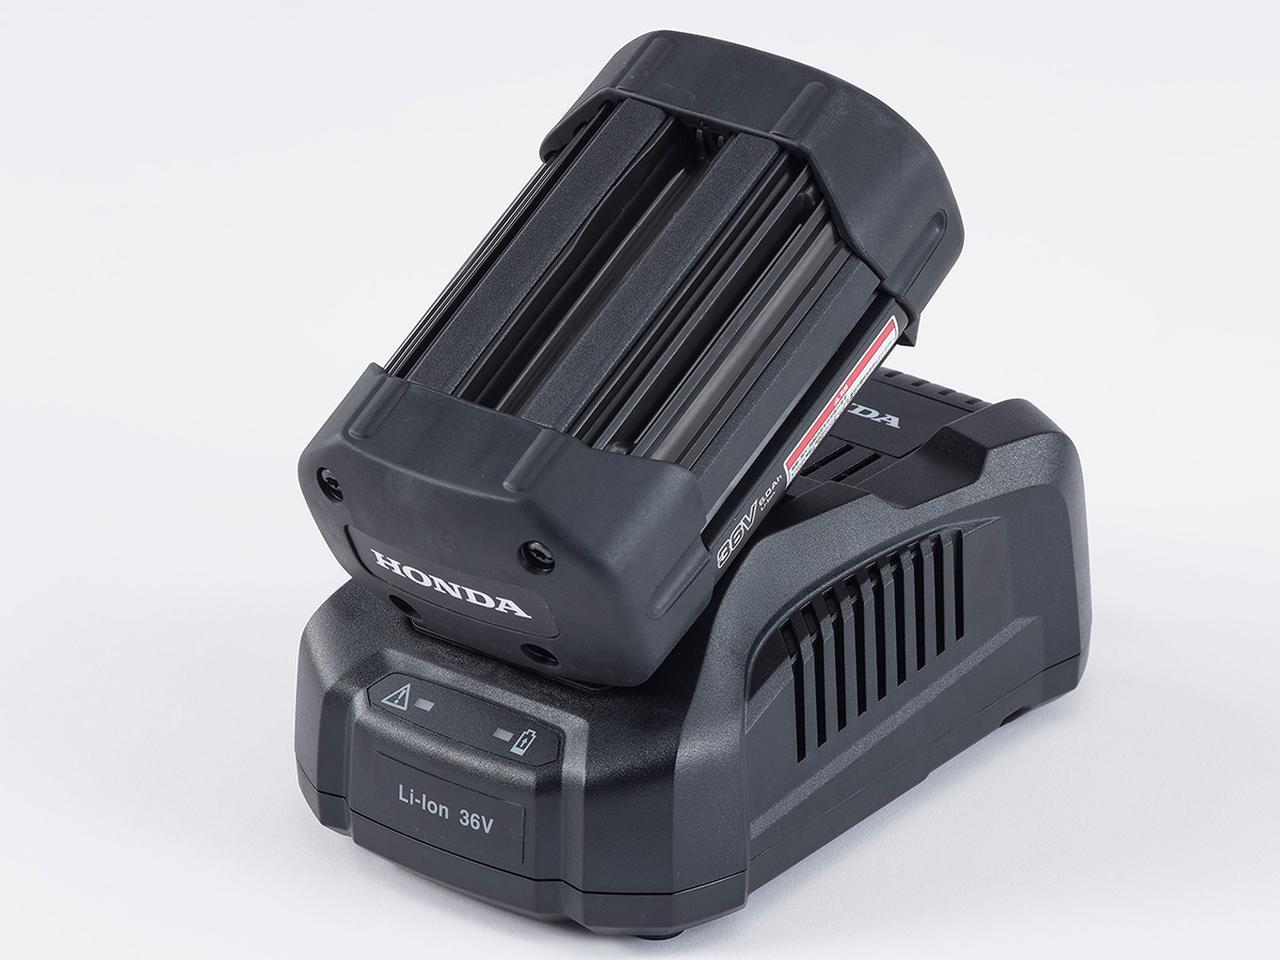 画像: リチウムイオンバッテリー「DP3660XA」と充電器「CV3680XA」(下)。約35分で80%、約55分で満充電可能という。